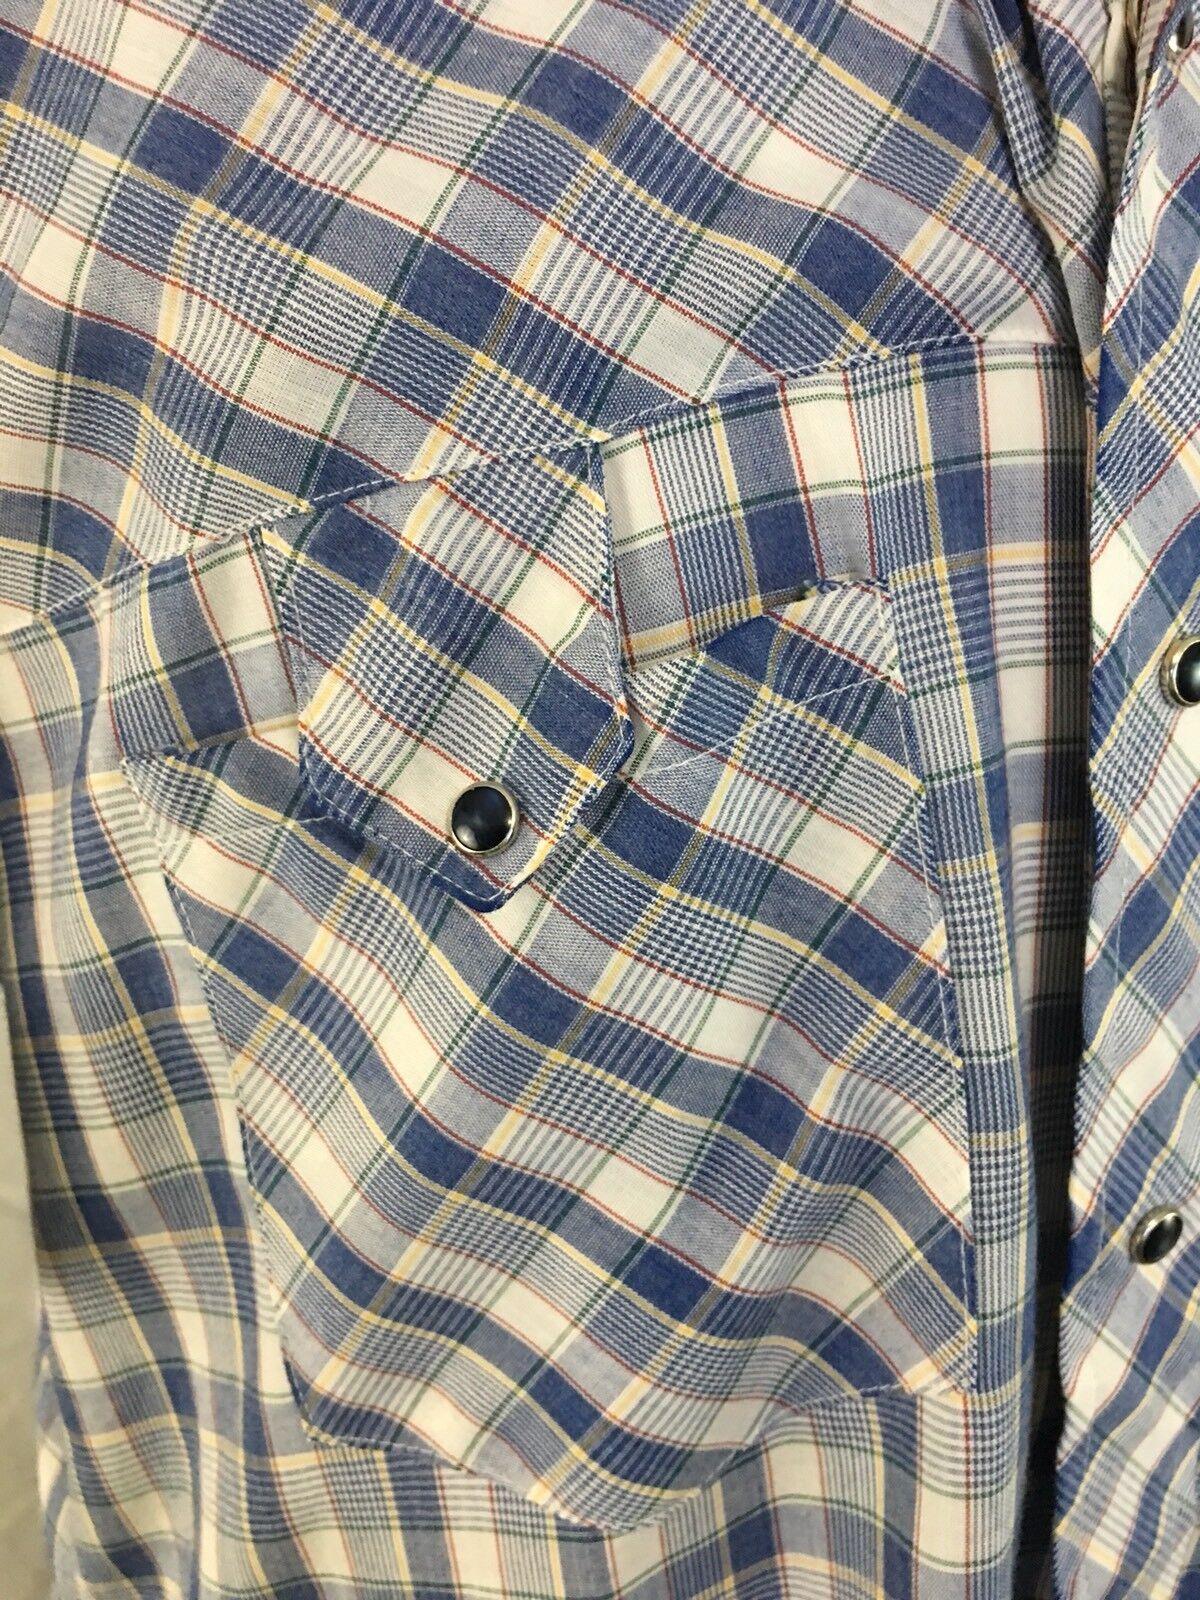 Miller Miller Miller Pearl Snap Shirt Vintage Siz… - image 4